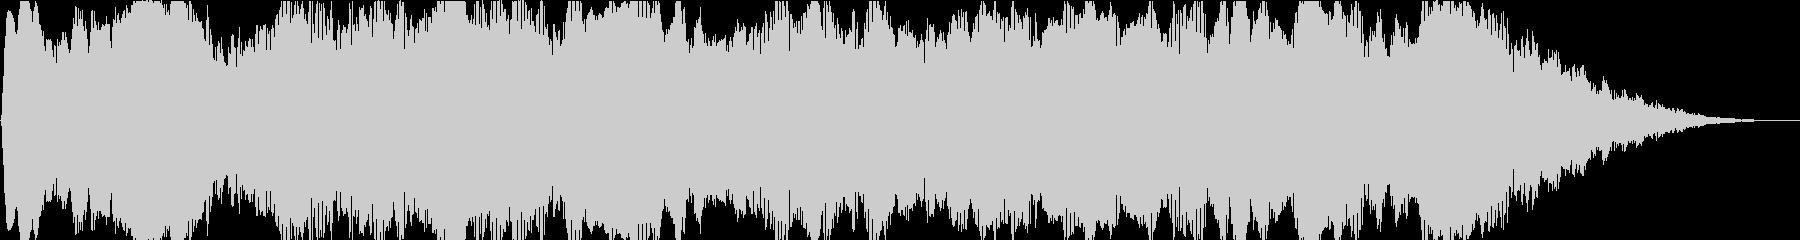 奇妙な要素の未再生の波形